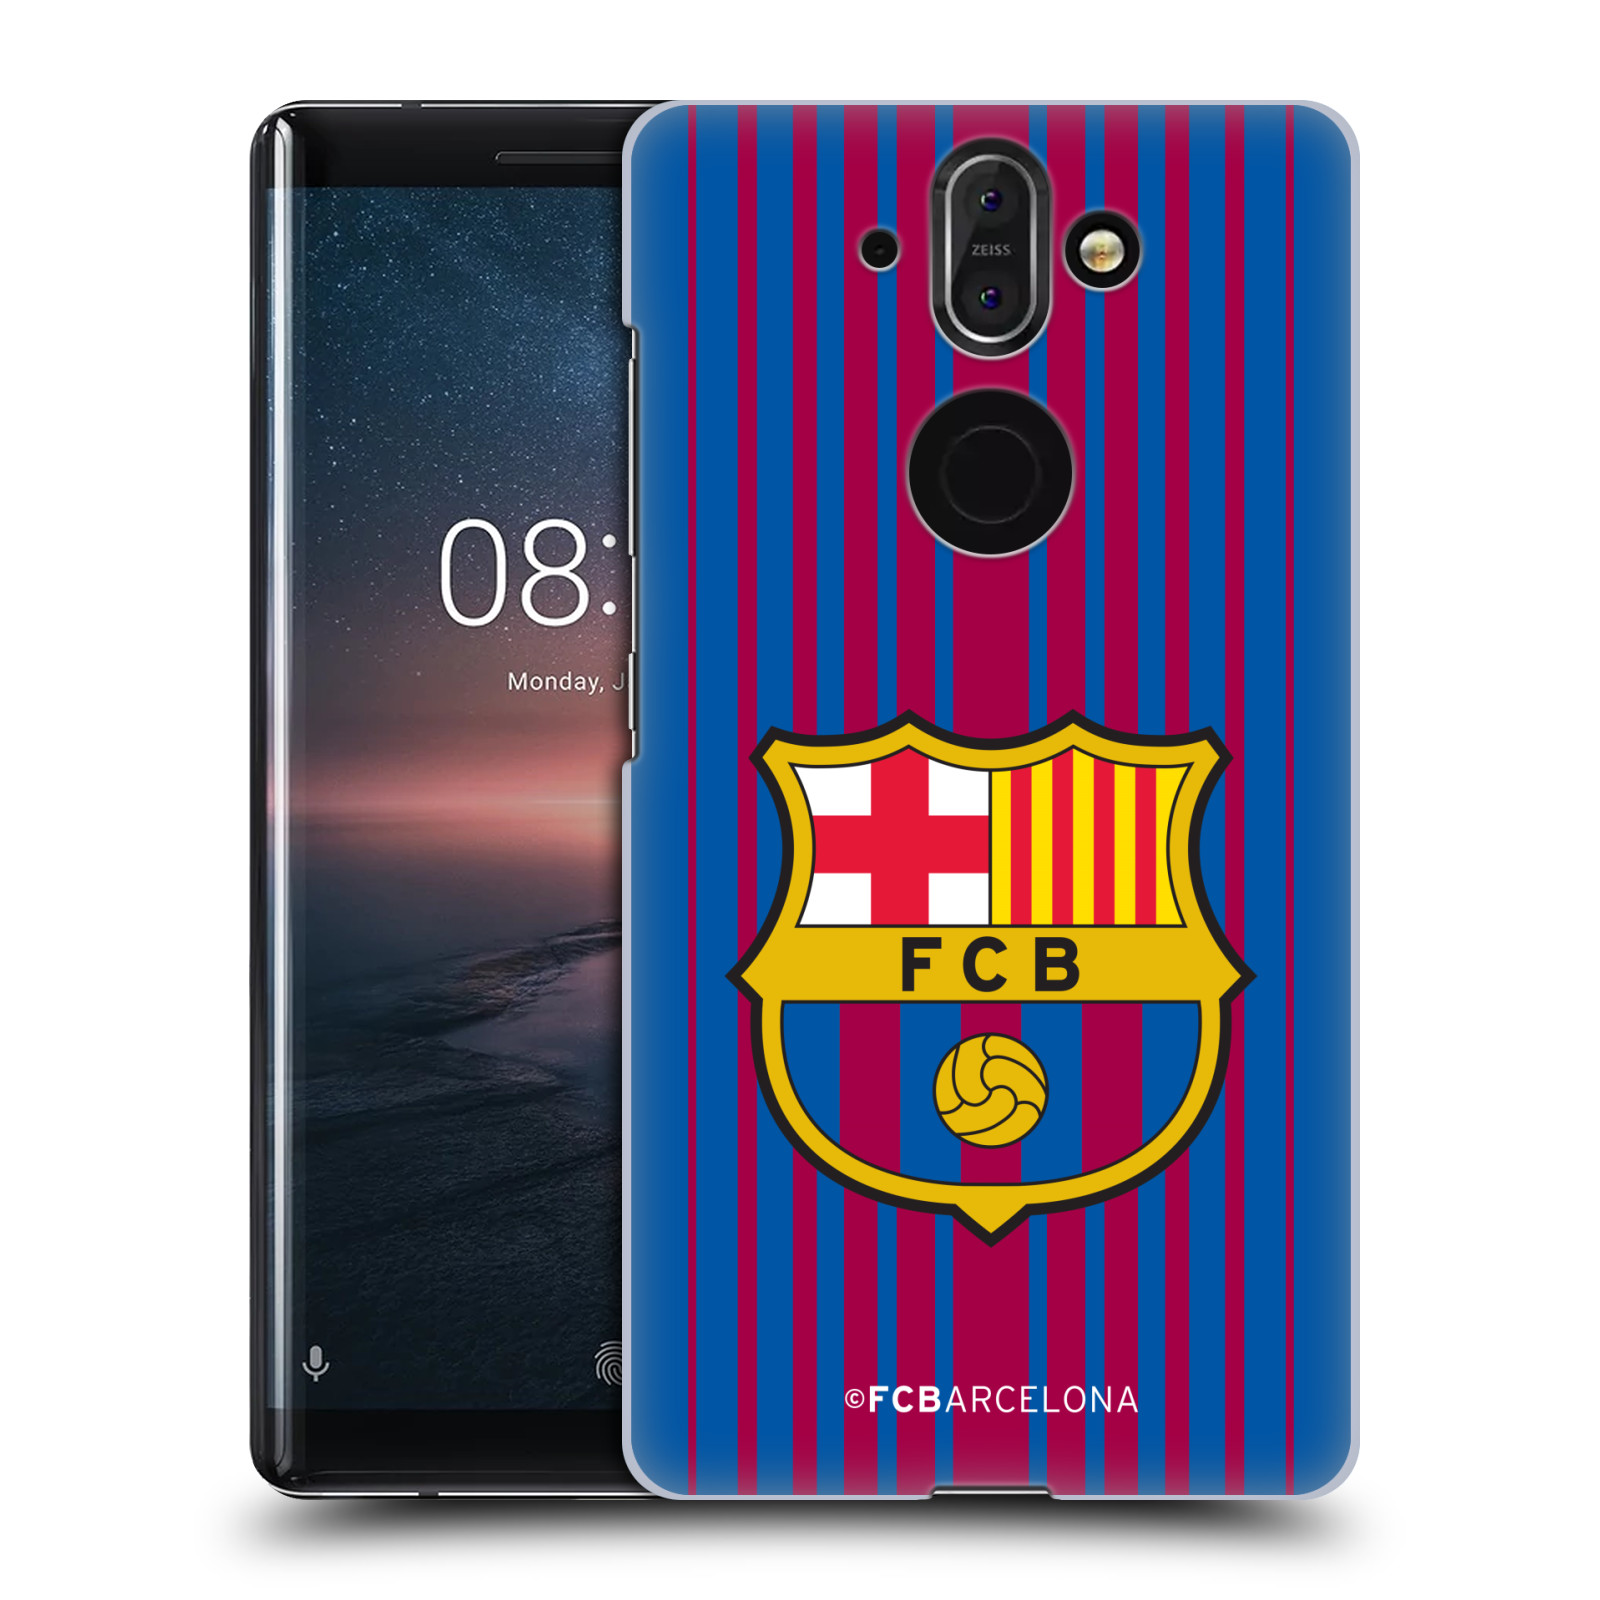 Plastové pouzdro na mobil Nokia 8 Sirocco - Head Case - FC Barcelona - Logo domácí